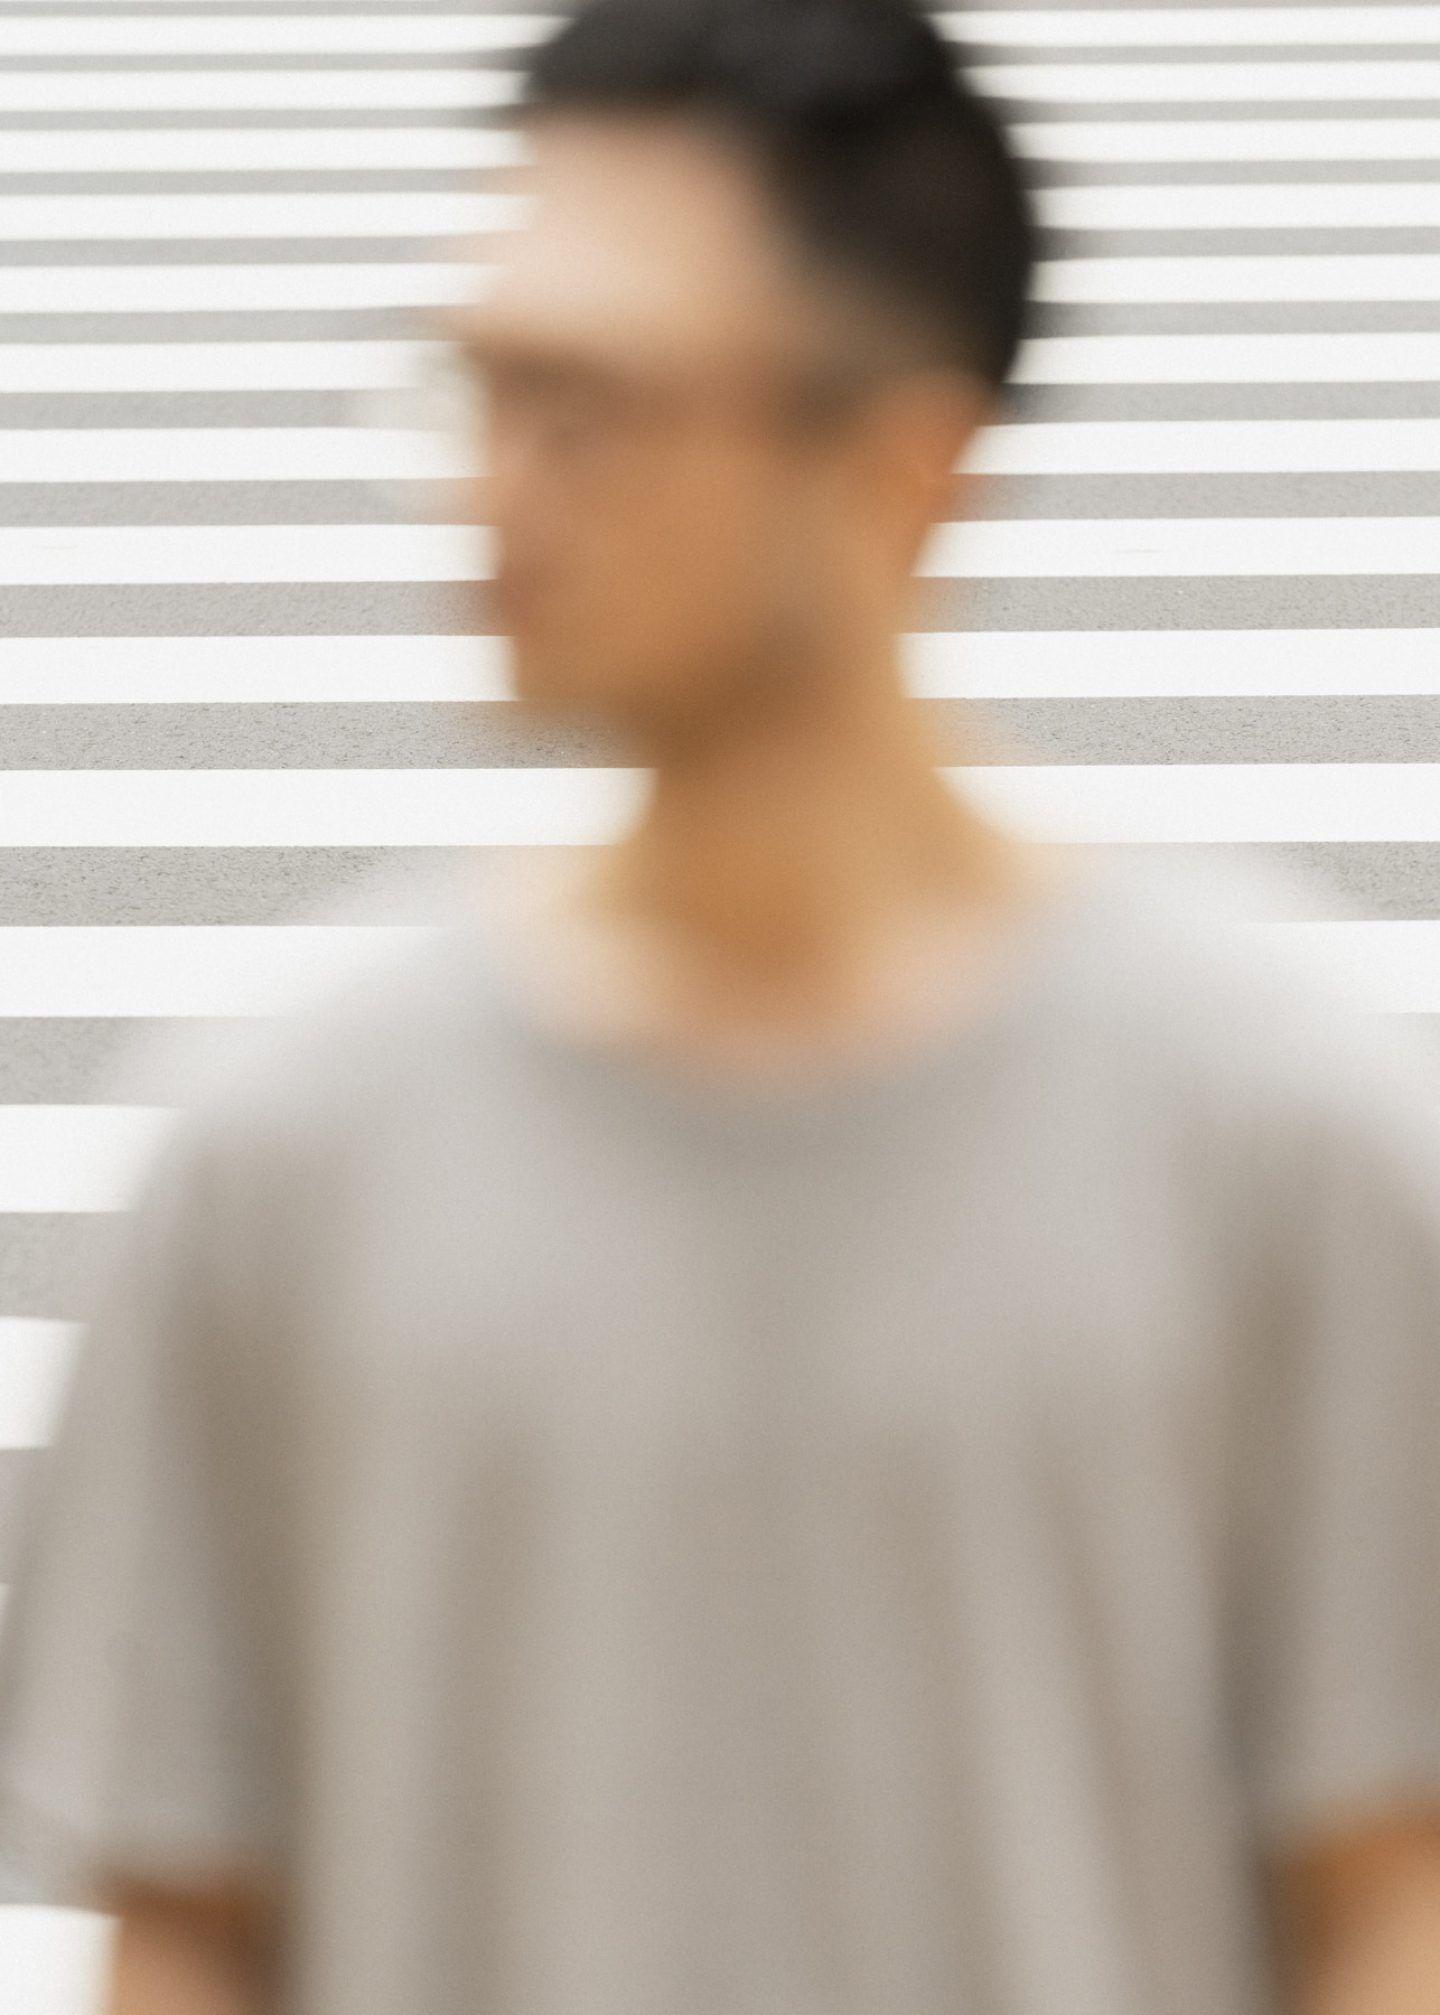 IGNANT-Photography-Max-Zarrahn-Snake-Legs-019